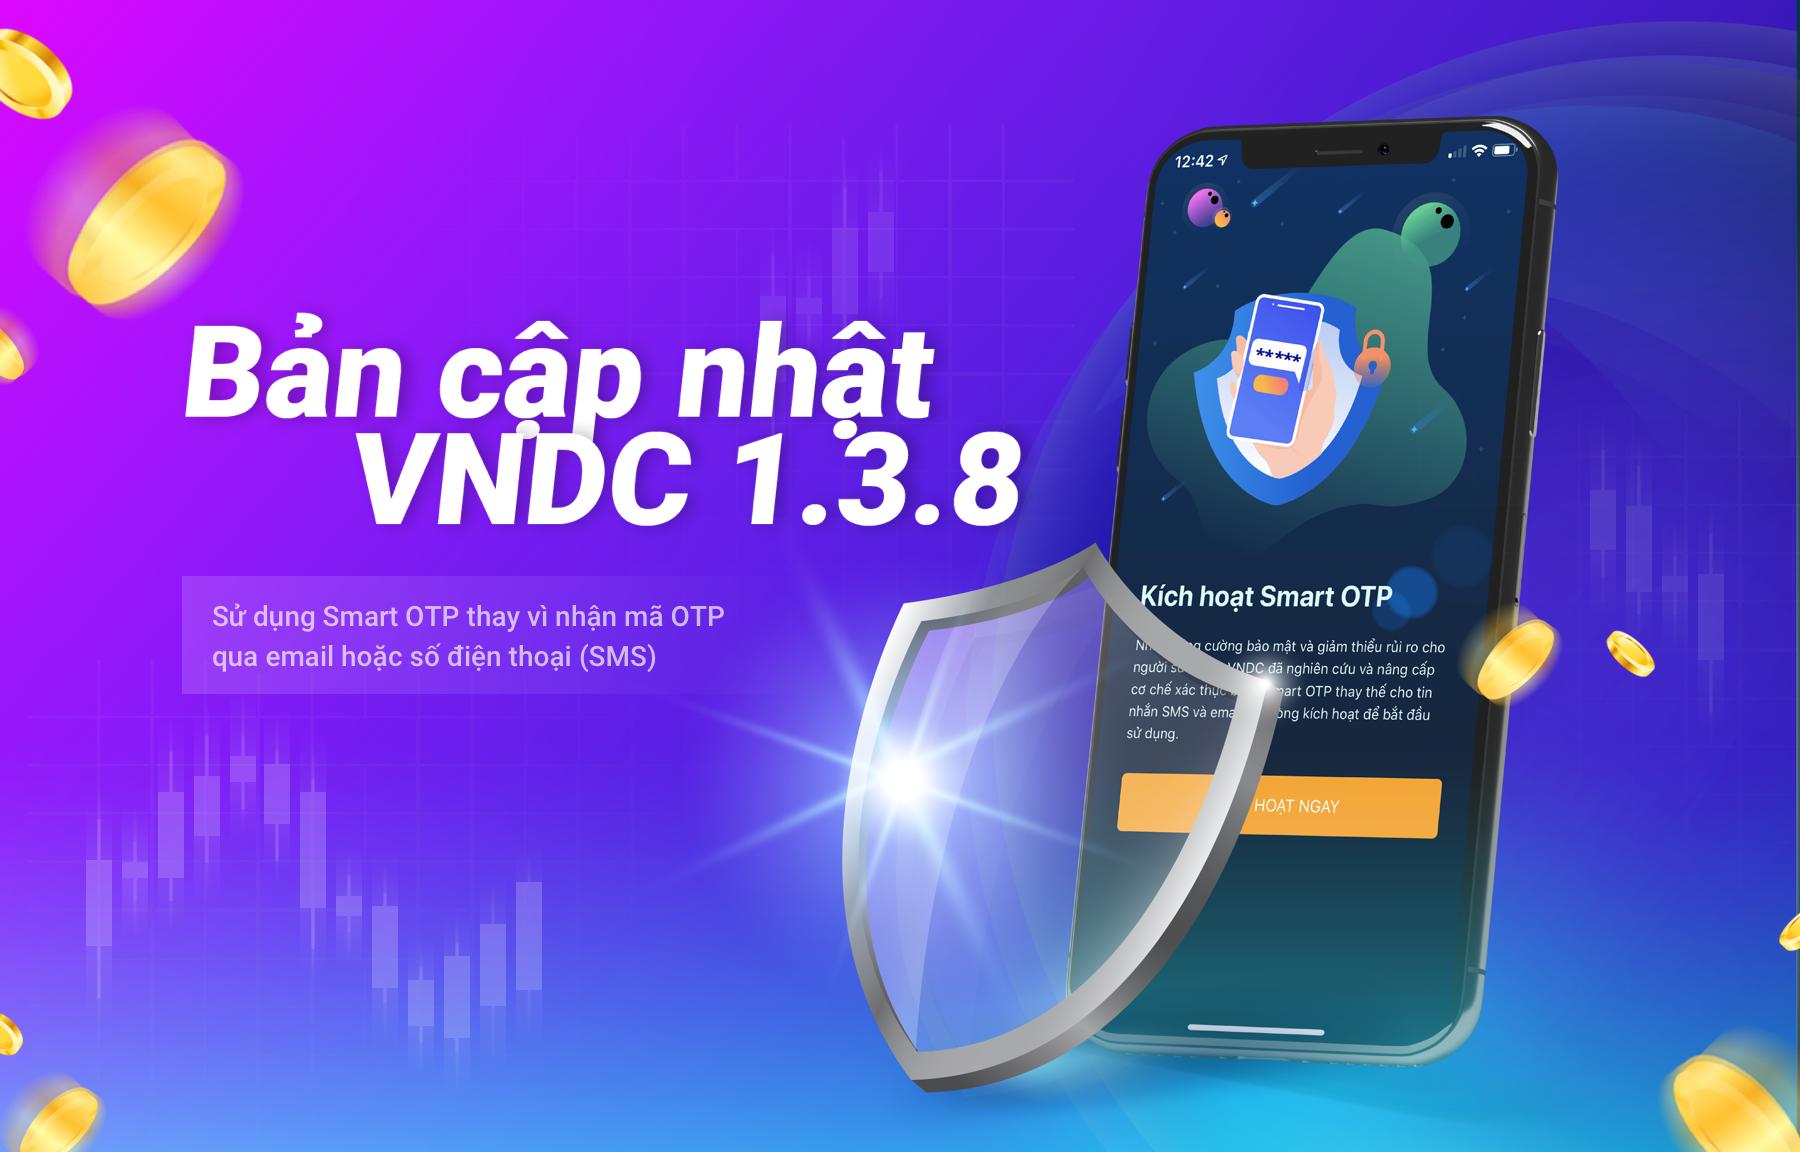 Thông báo: Bản cập nhật quan trọng 1.3.8 (Kích hoạt Smart OTP)